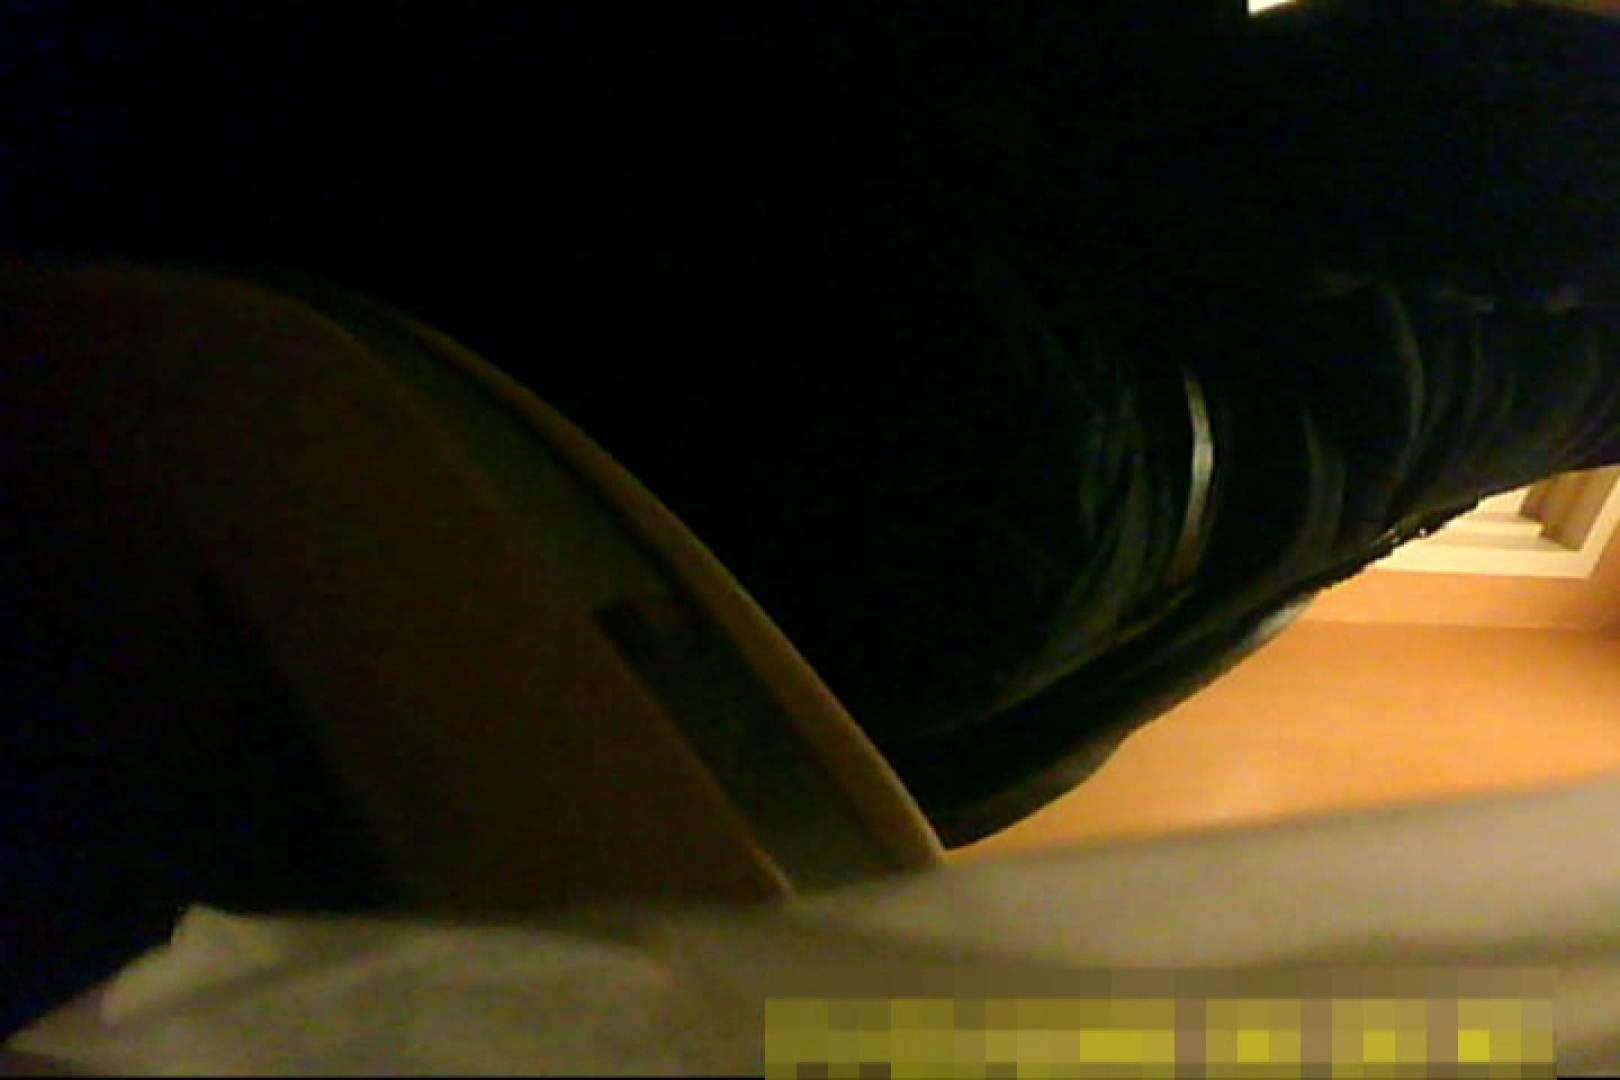 魅惑の化粧室~禁断のプライベート空間~vol.8 熟女のエッチ | プライベート  63pic 9